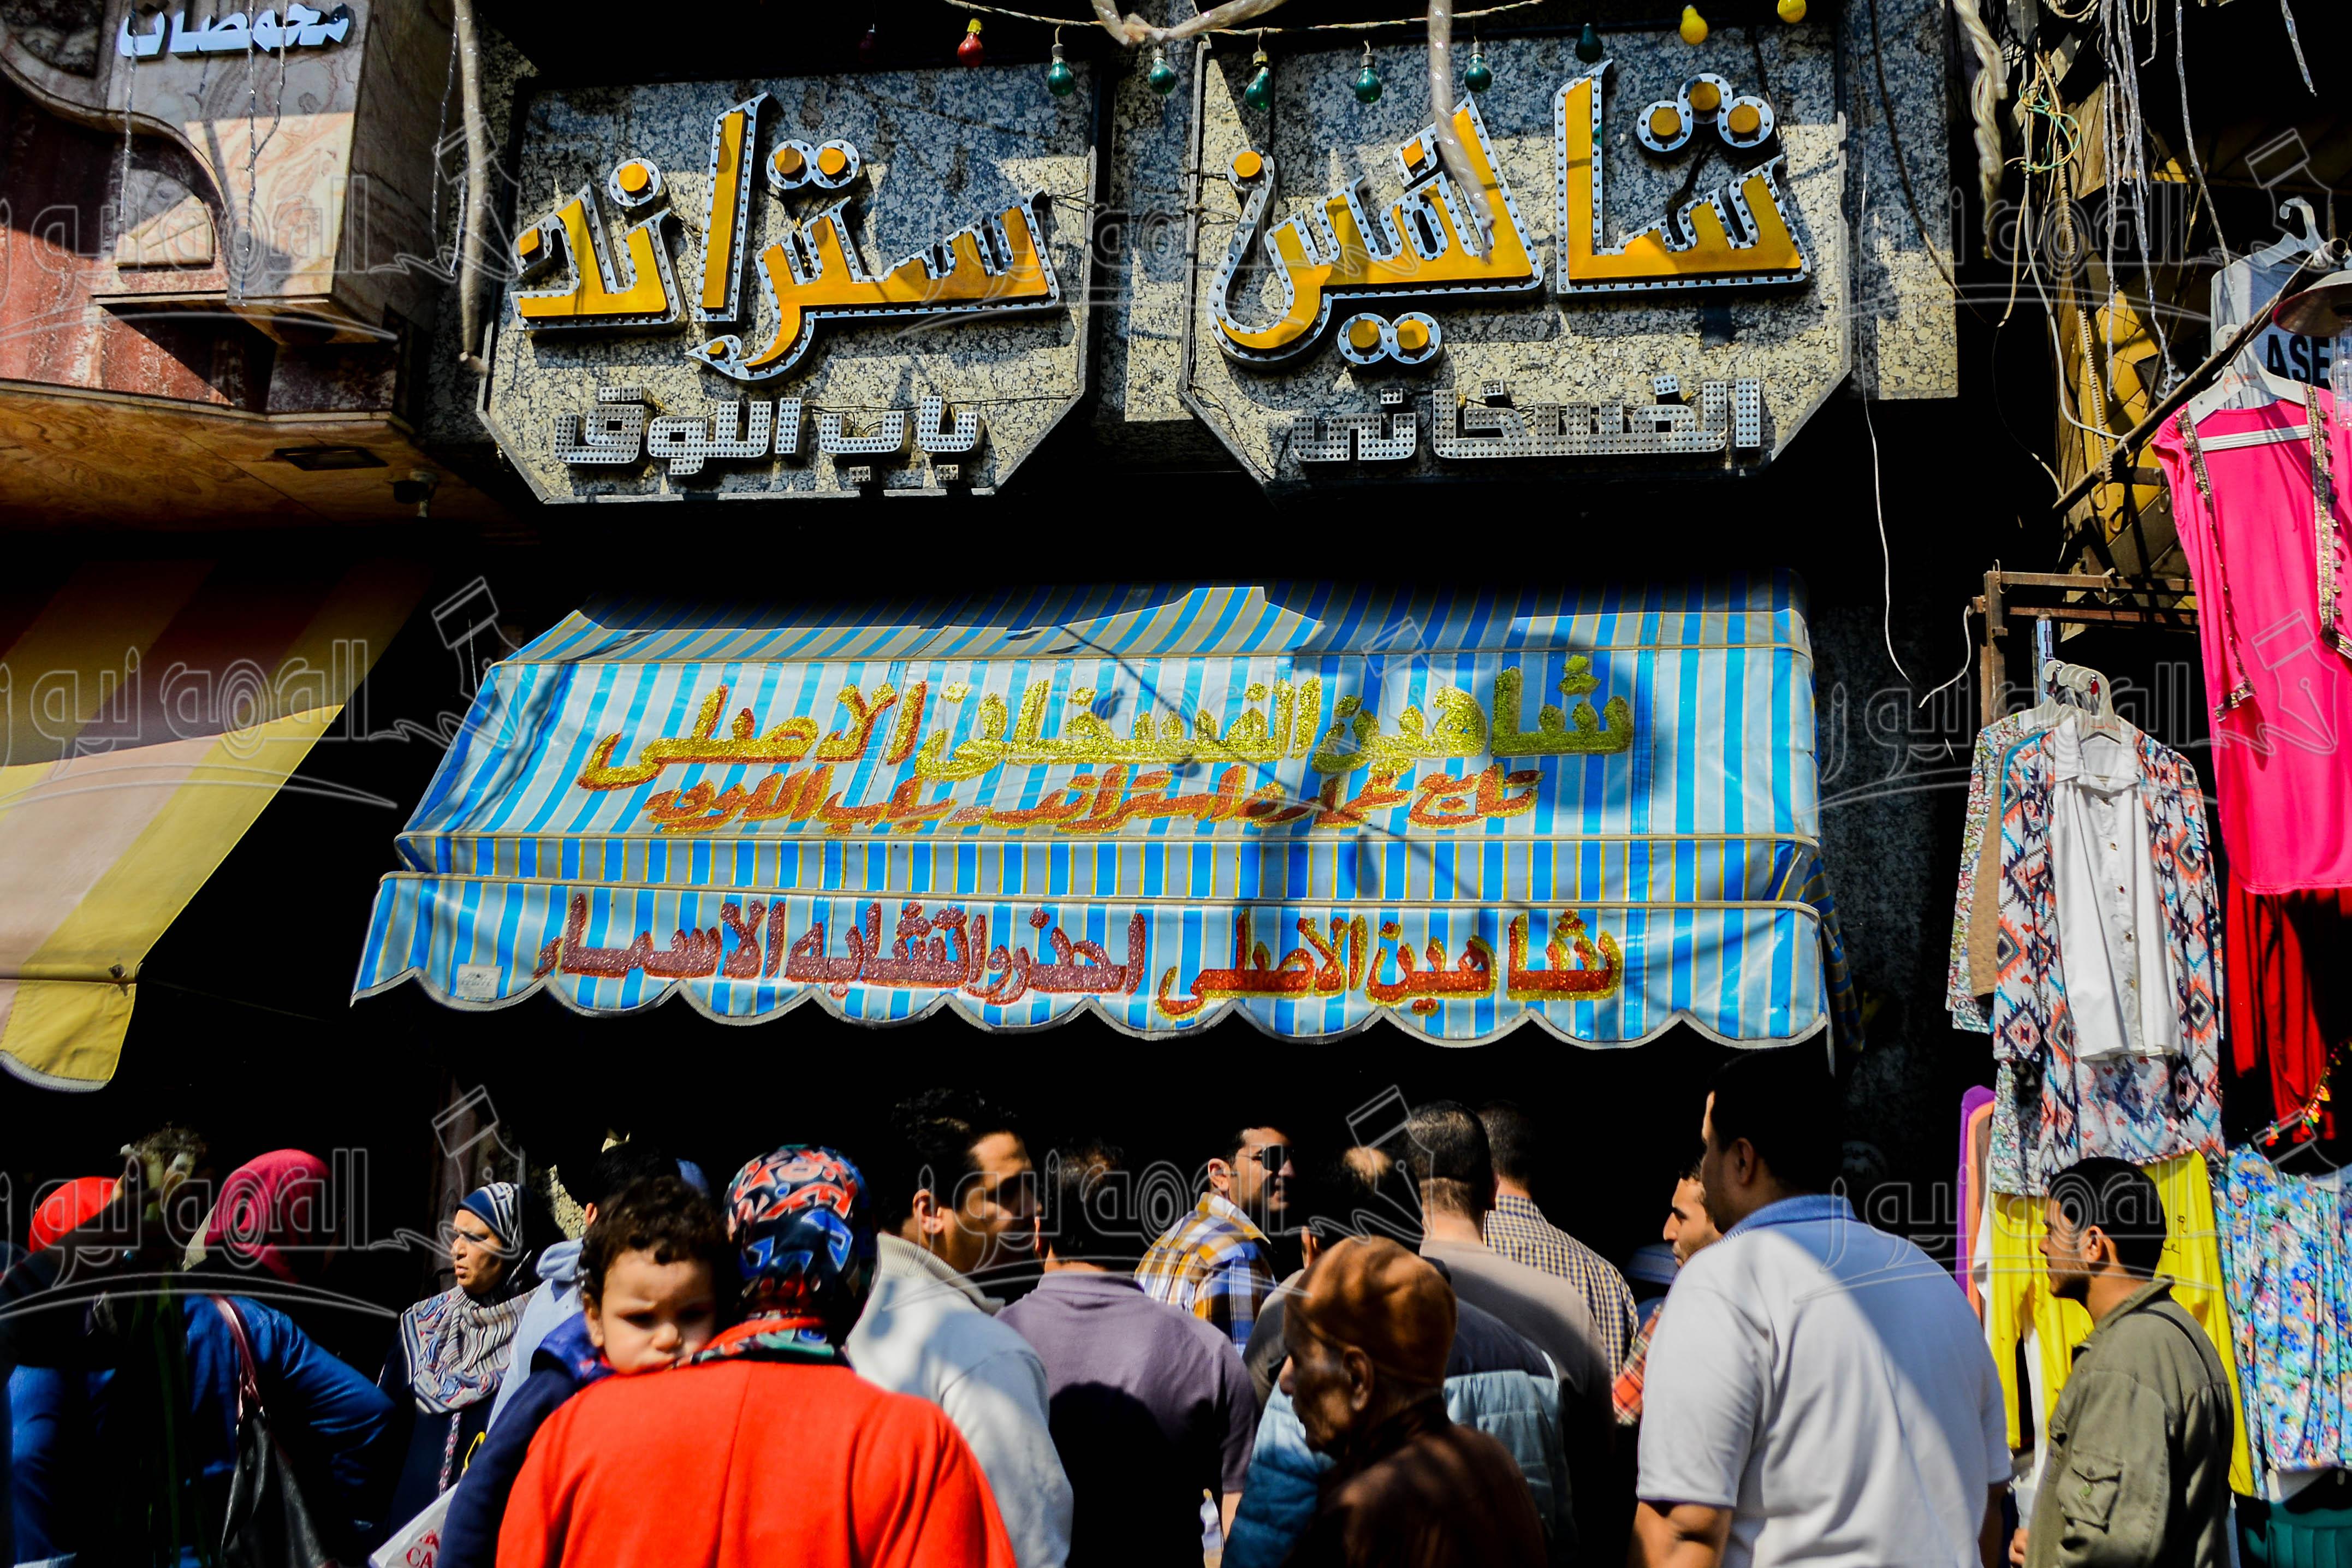 صور/إقبال المواطنين على شراء الرنجة والفسيخ استعدادا لشم النسيم